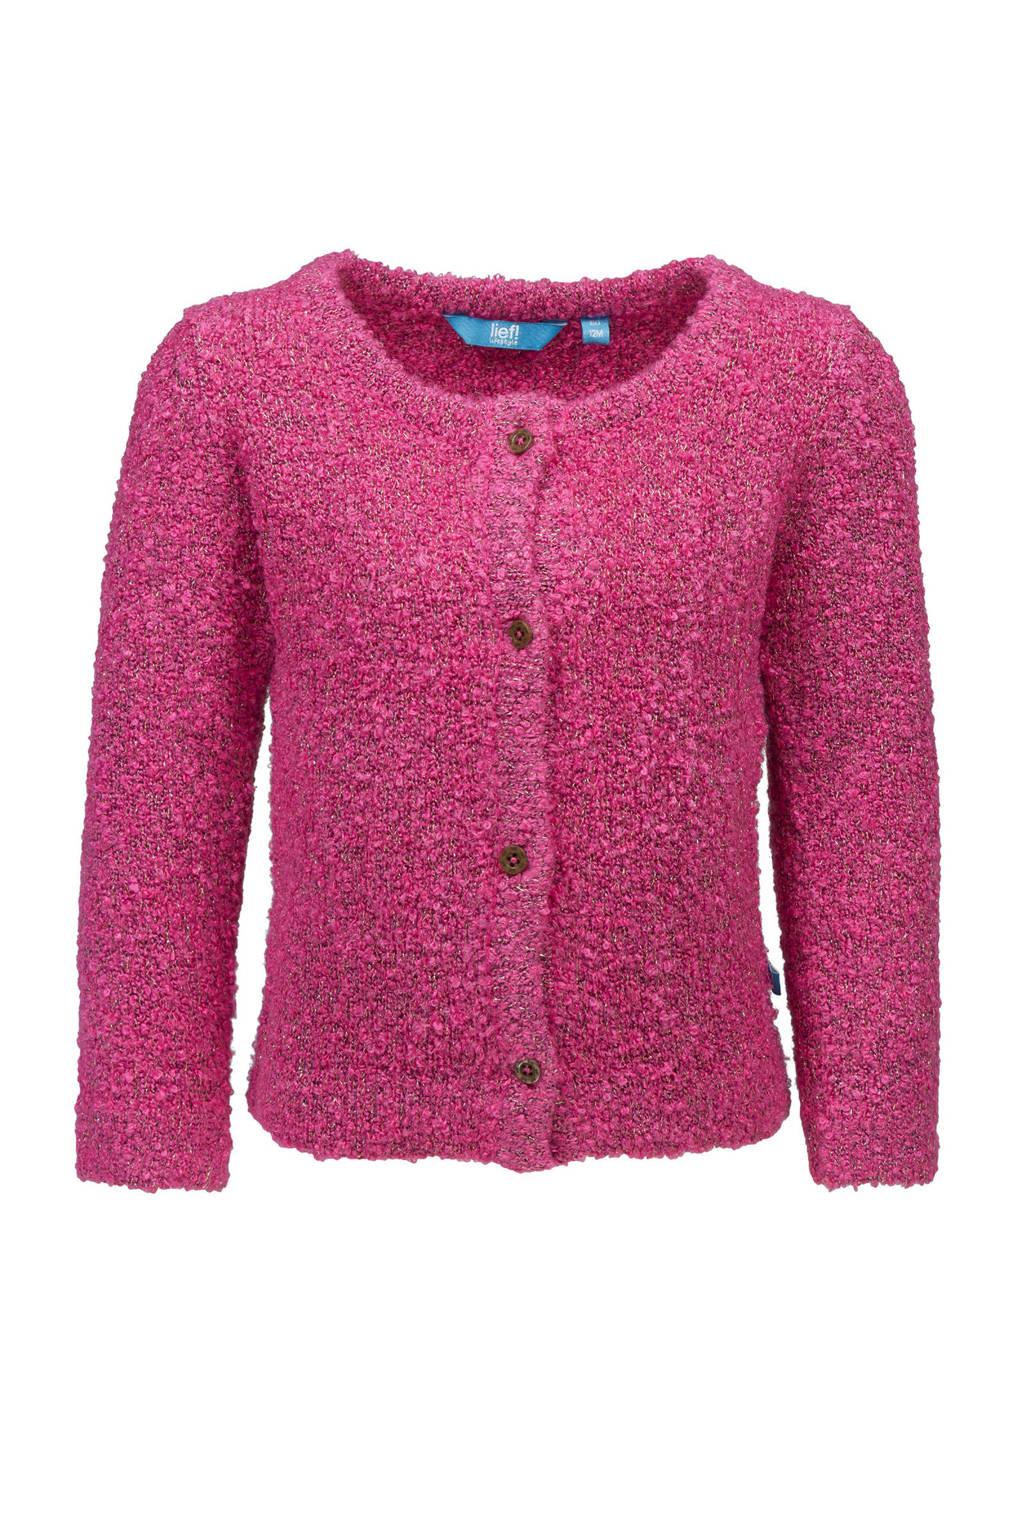 lief! vest met textuur roze, Roze